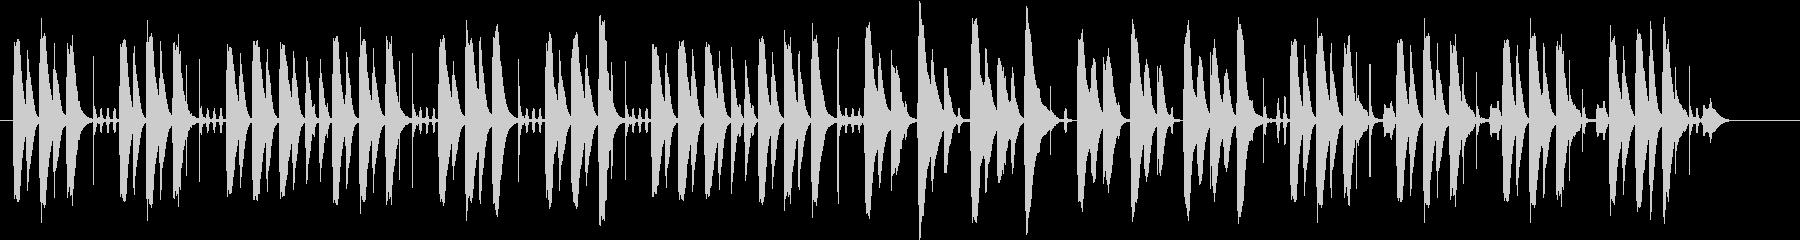 コミカルな場面で使える木琴の曲の未再生の波形